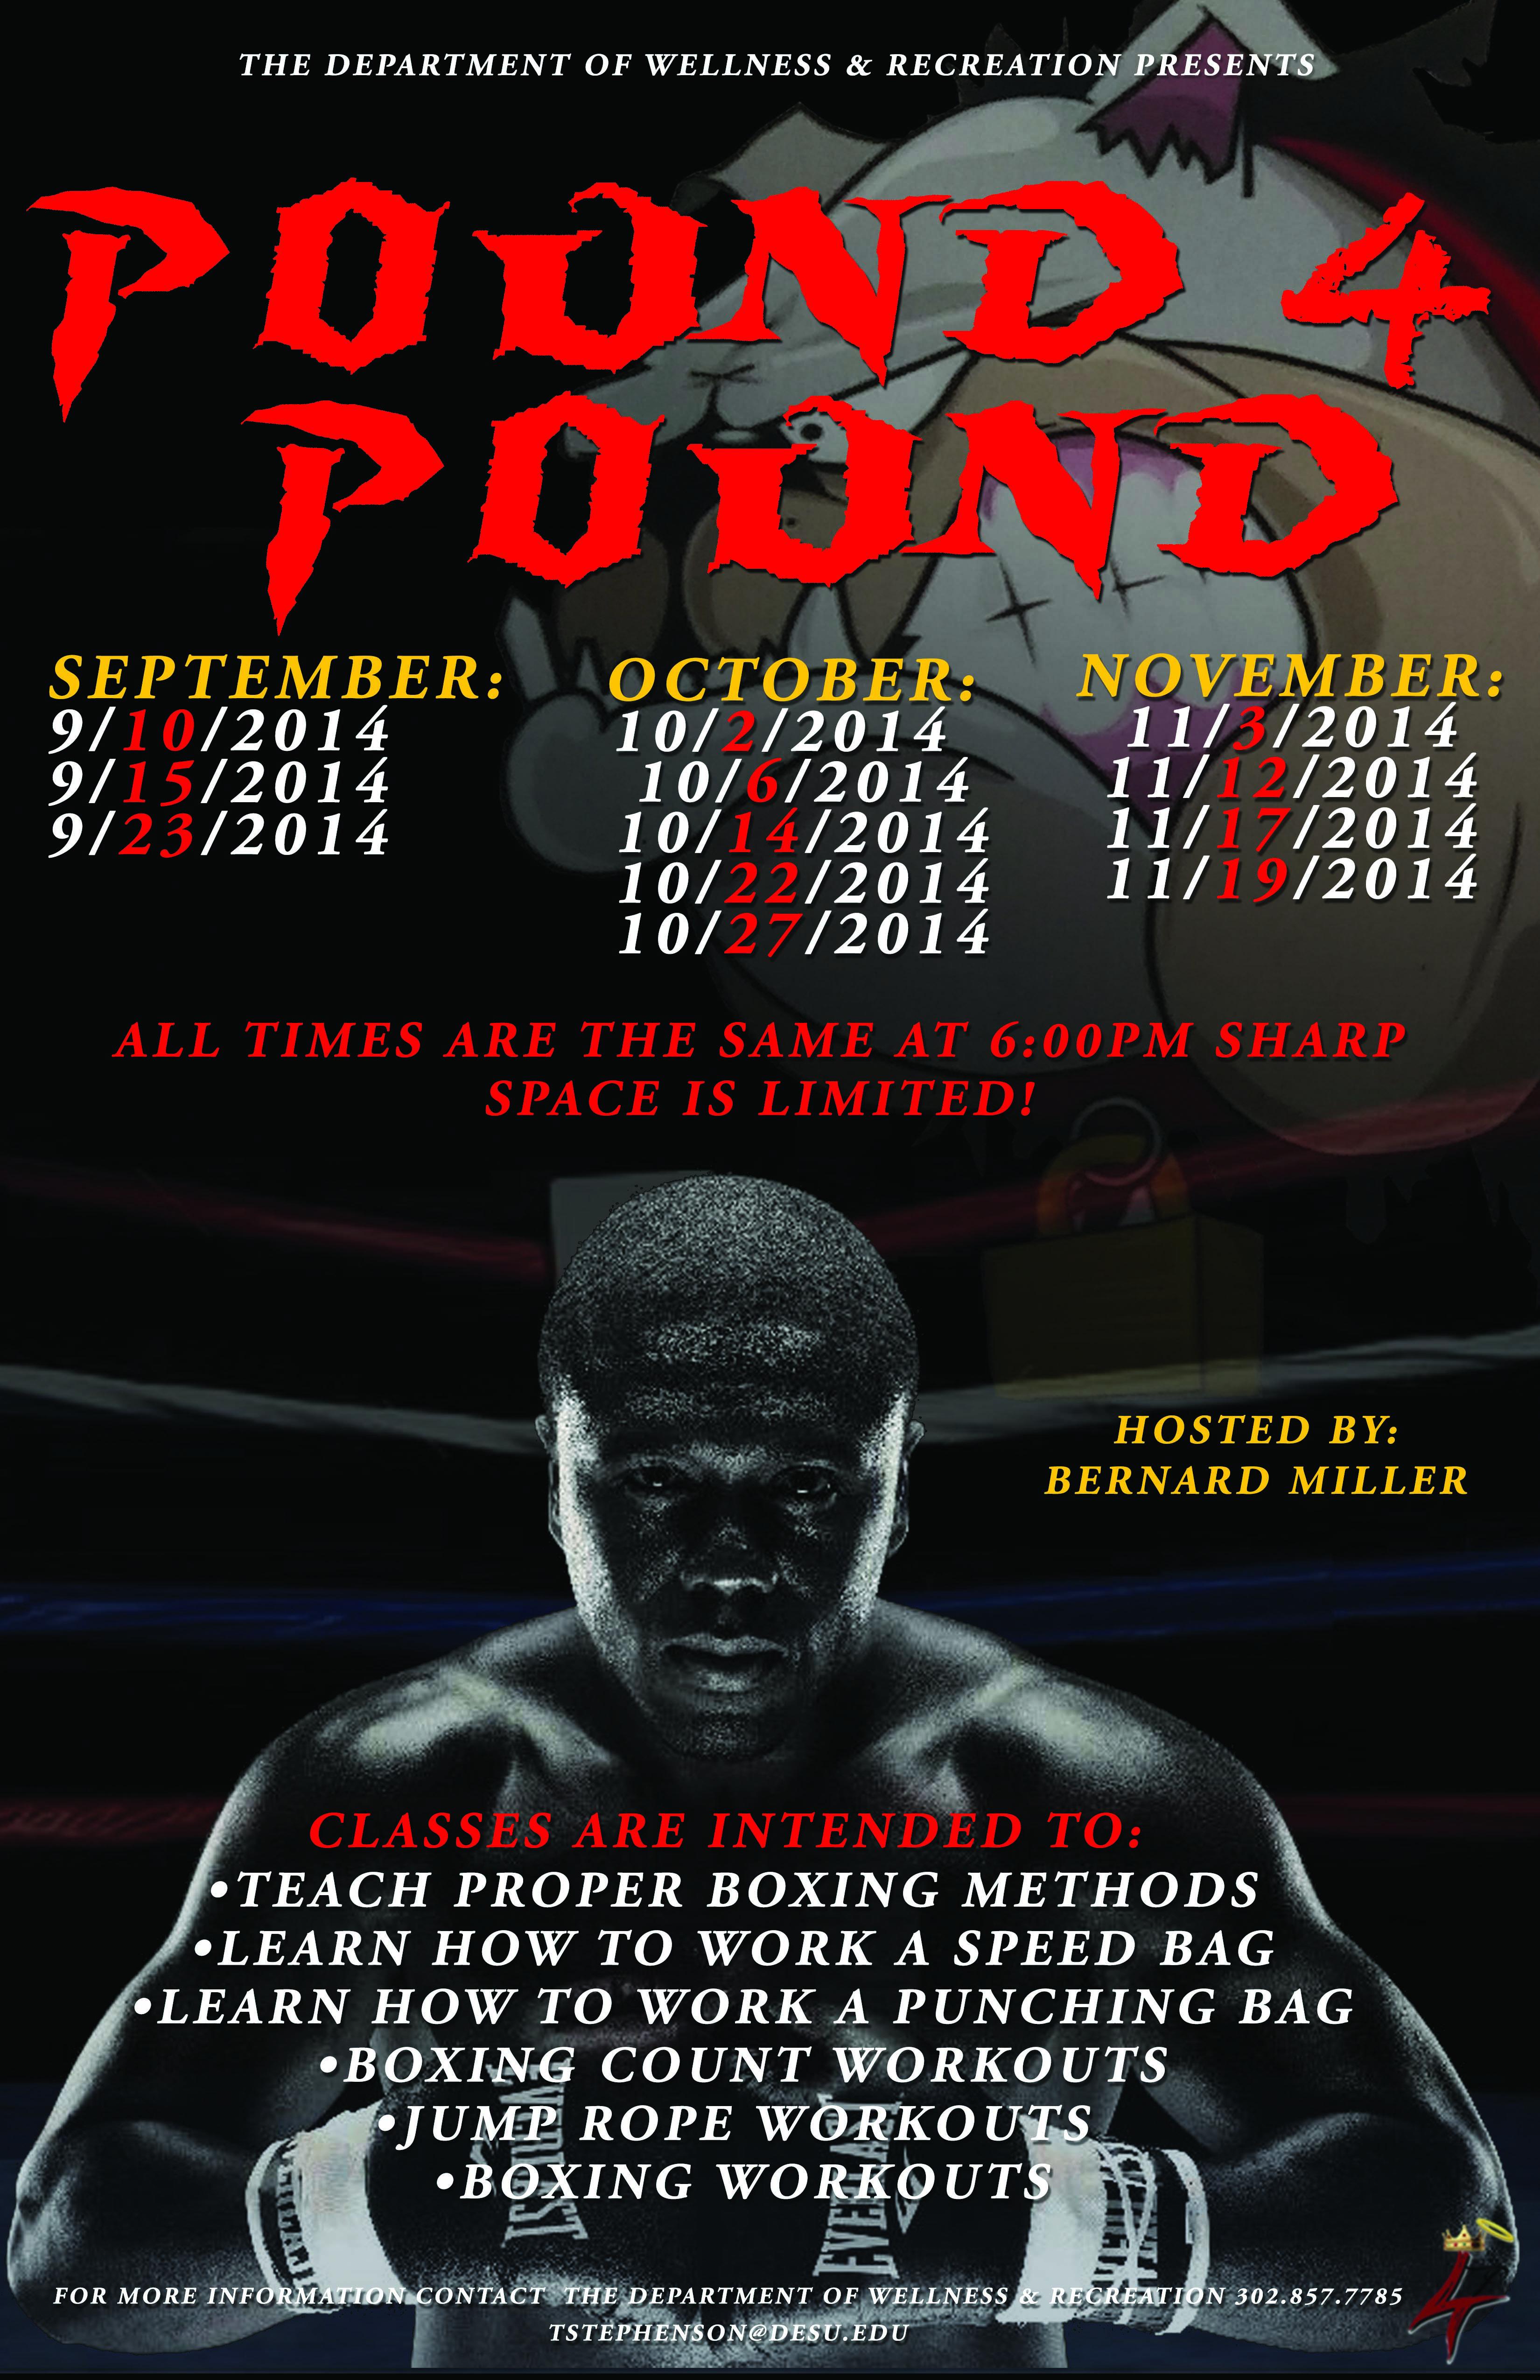 pound4pound